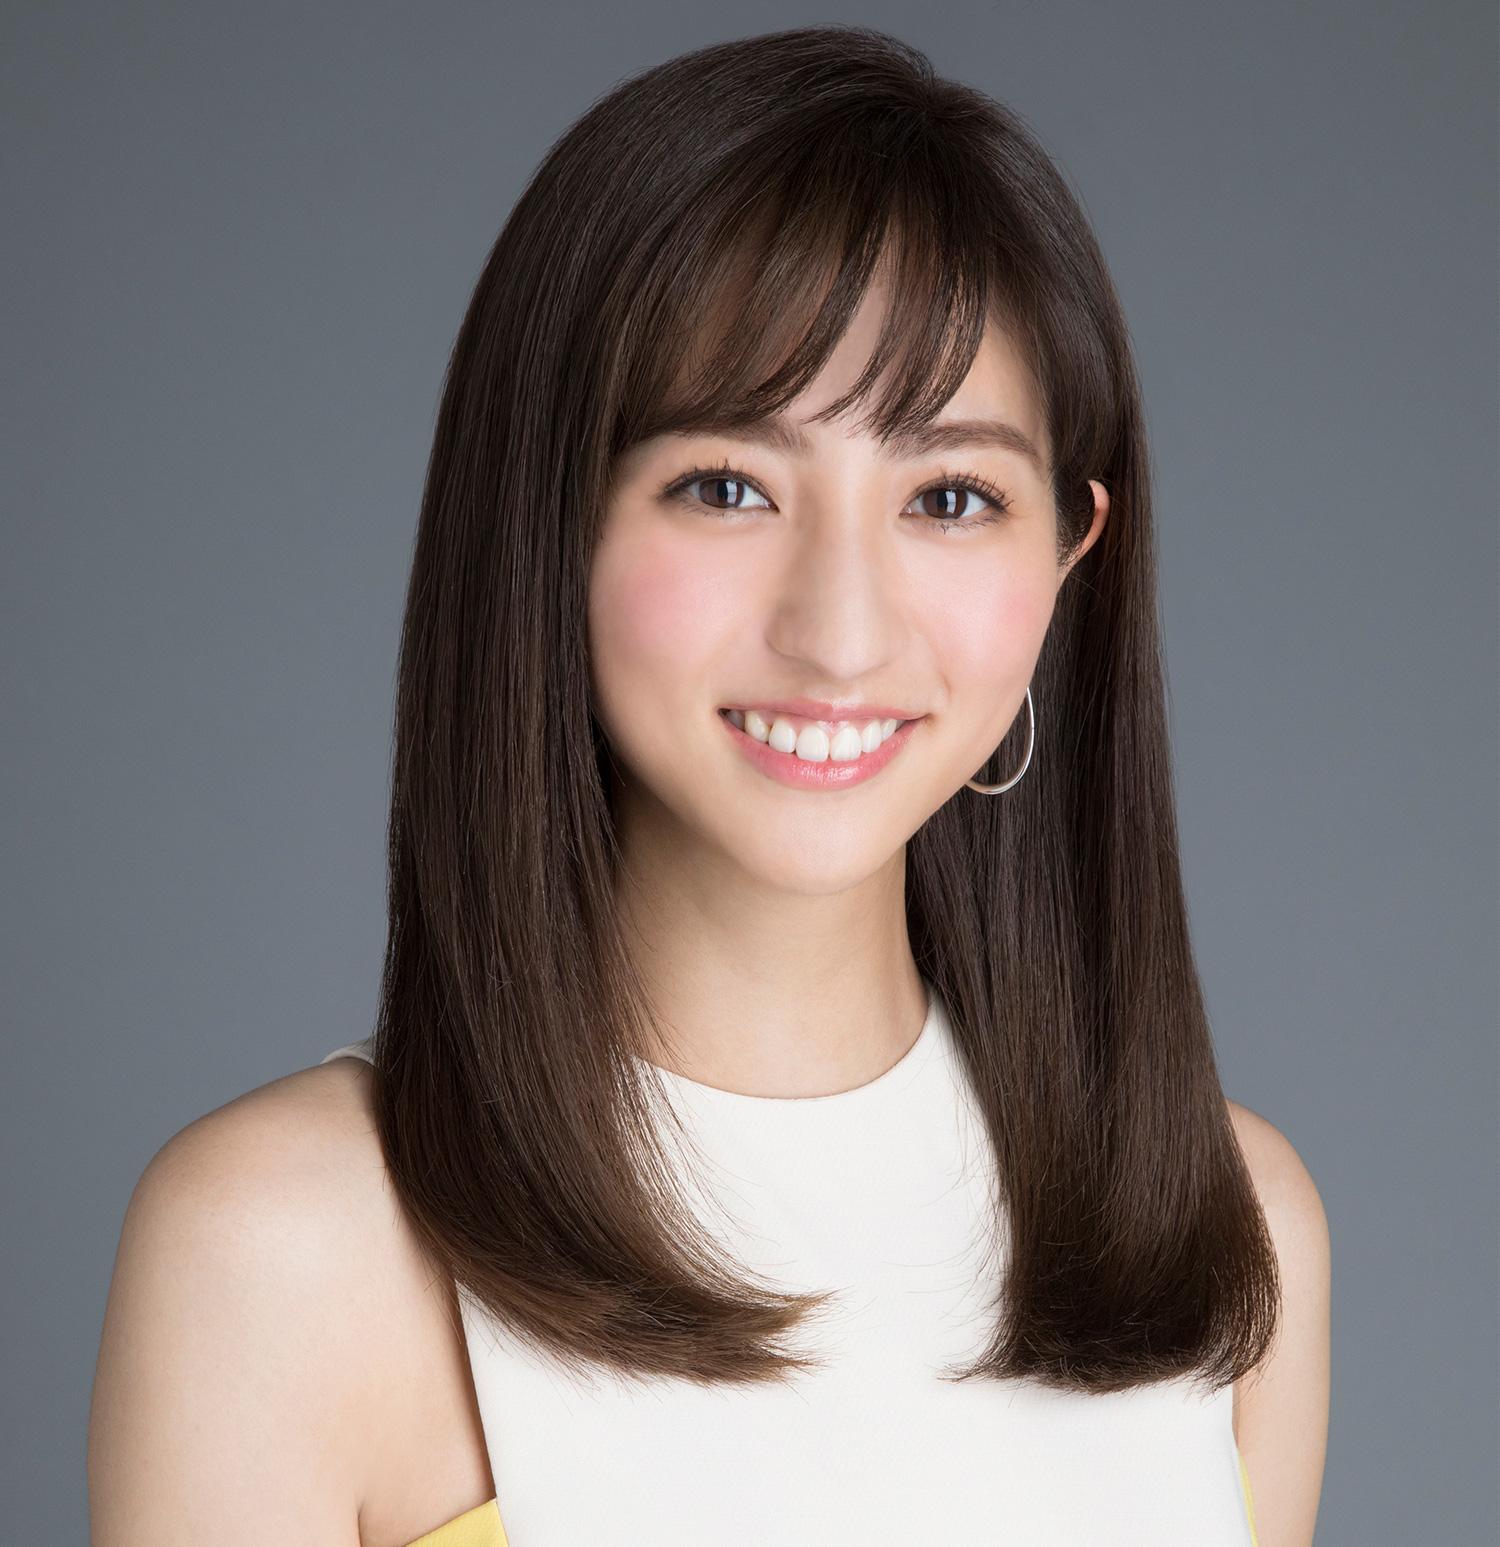 堀田茜(ほったあかね)